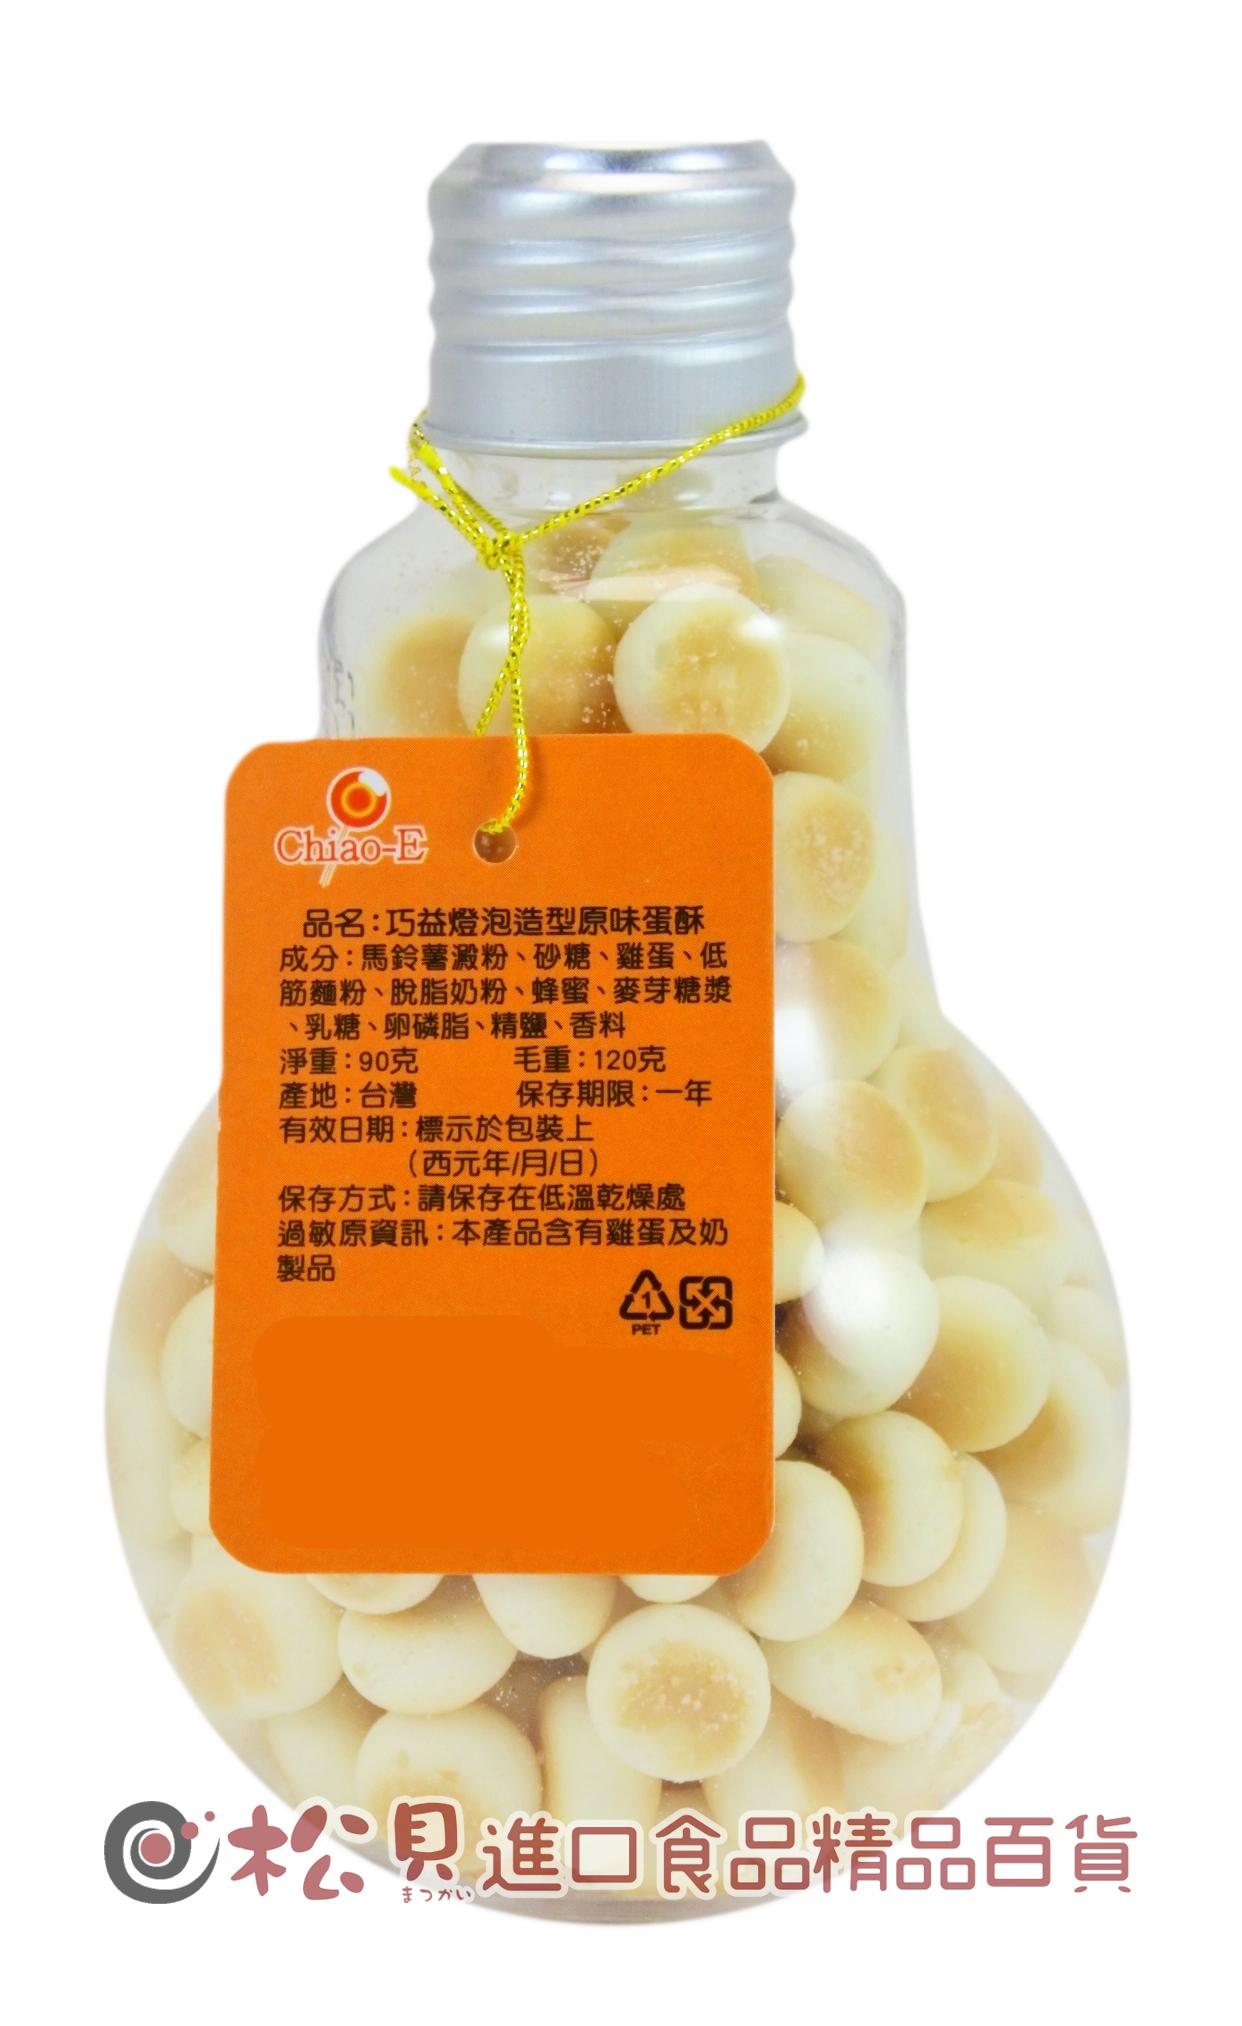 巧益燈泡造型原味蛋酥90g【4718037134358】.jpg